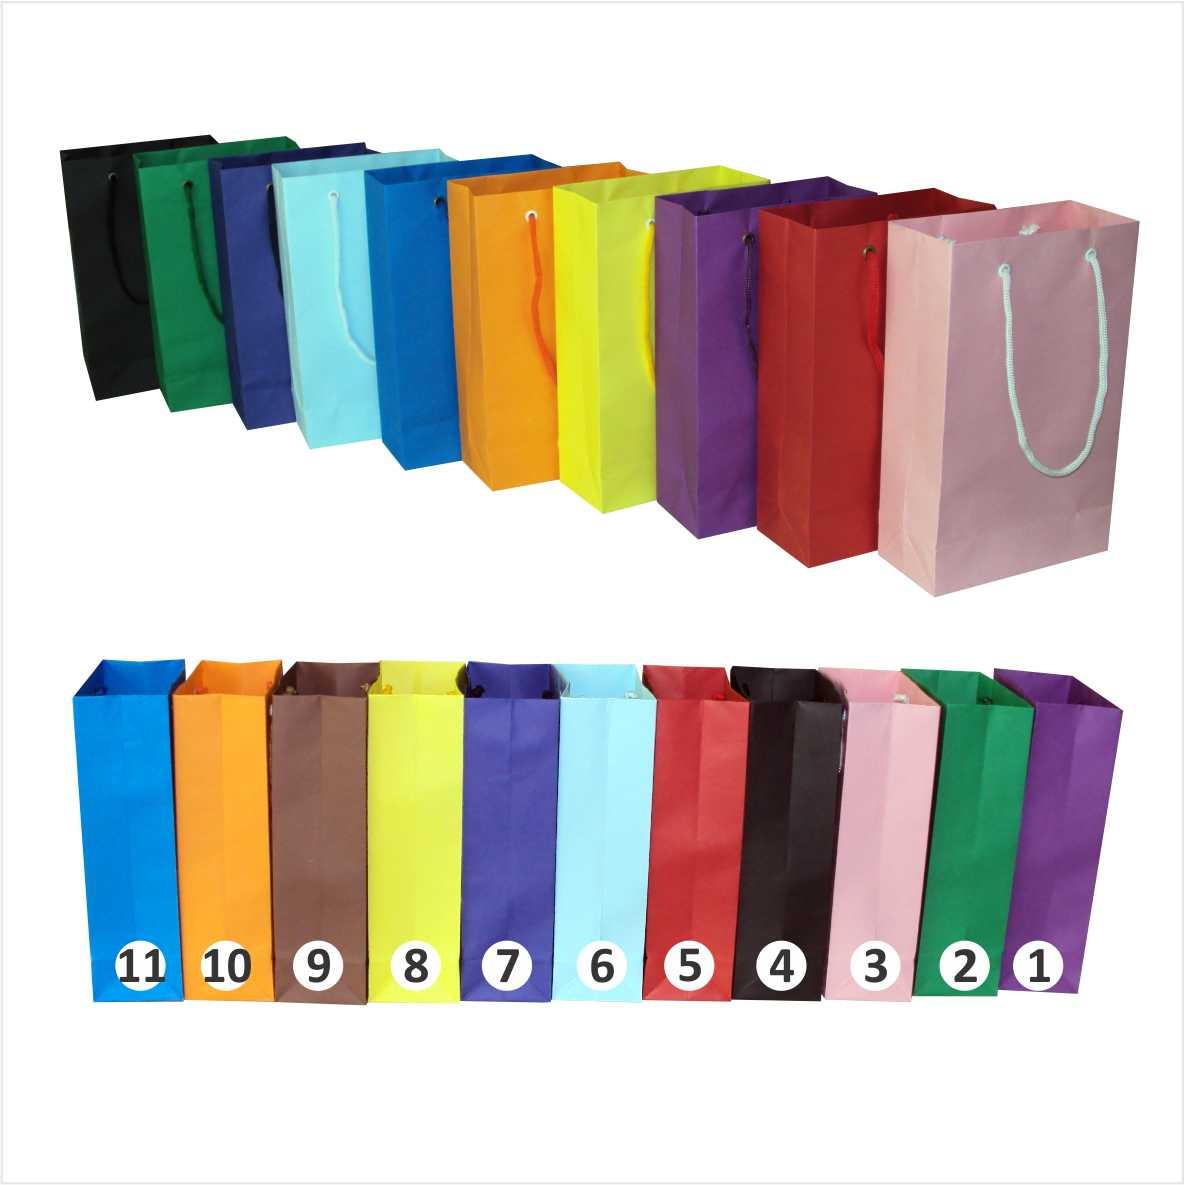 0bdcd26c3 Sacola de papel coloridas 15x24x7 cm no Elo7 | Artesanal Sacolas (2A774)